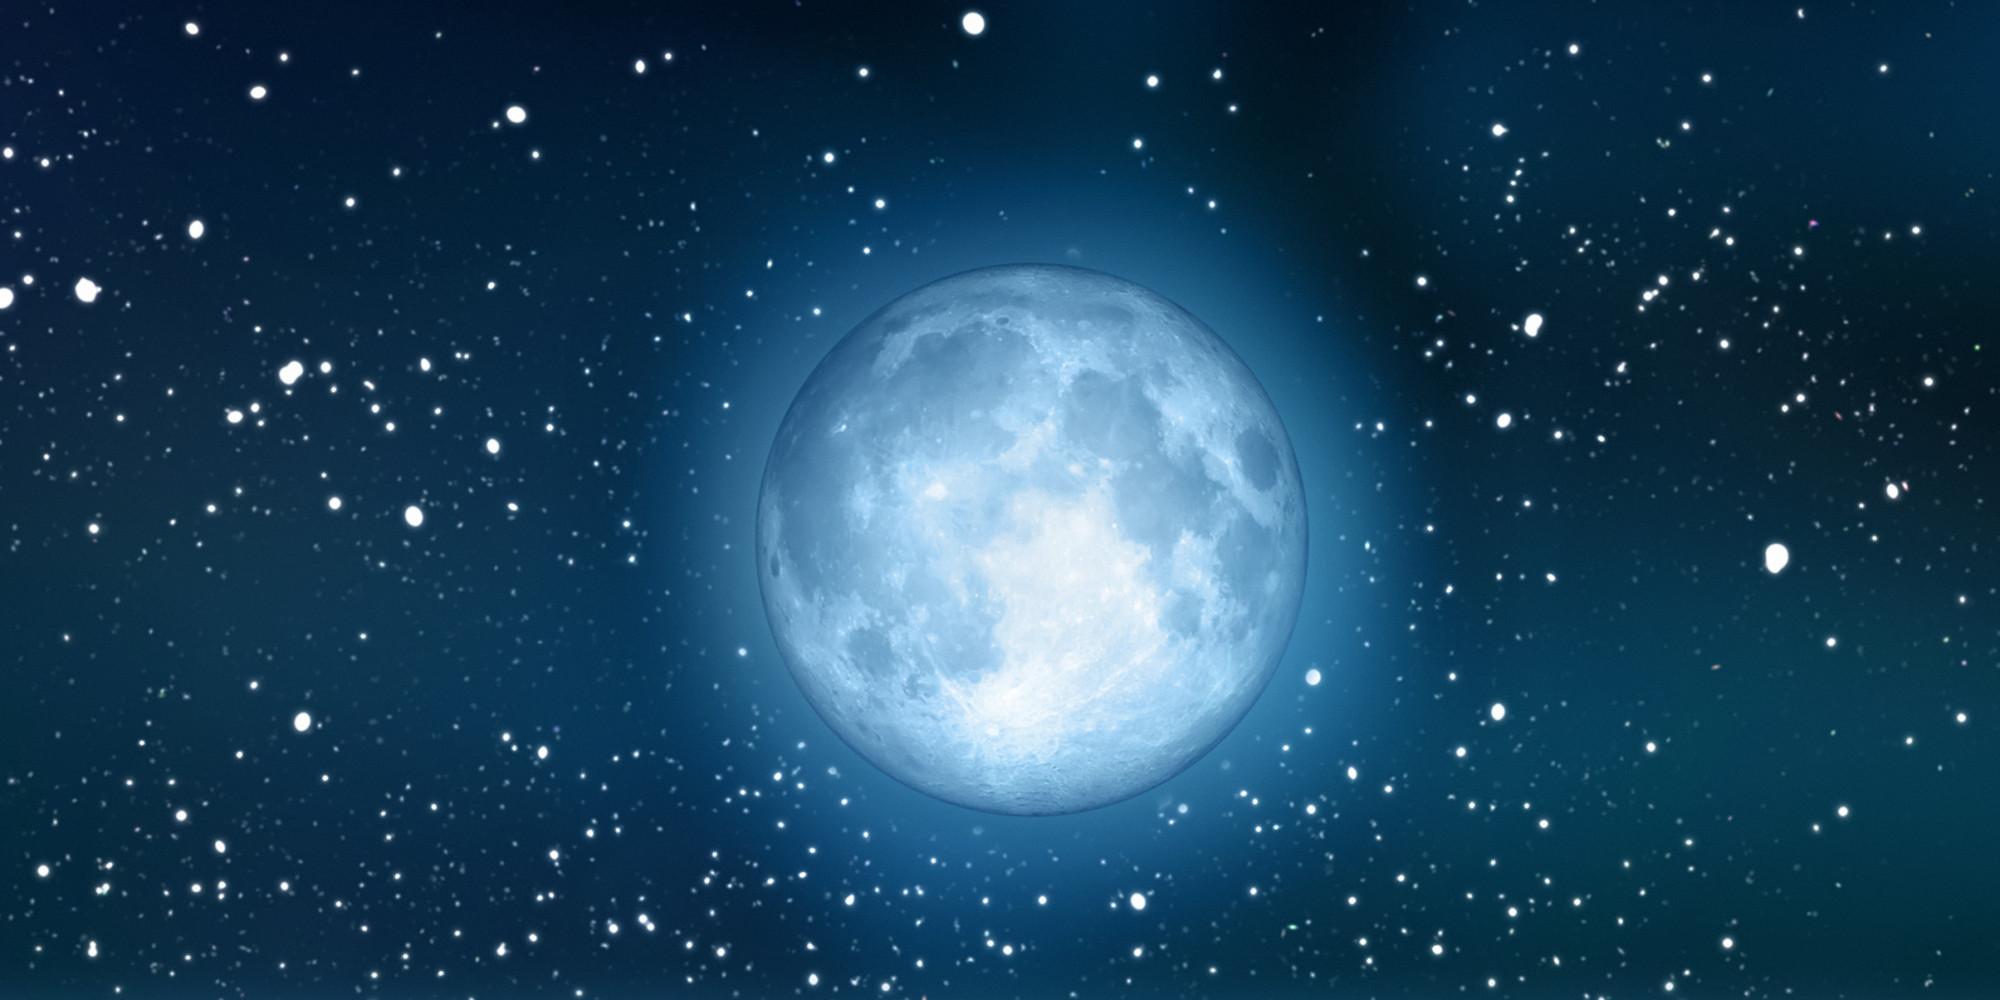 Imagenes De Baño De Luna:Imagenes De La Luna Llena